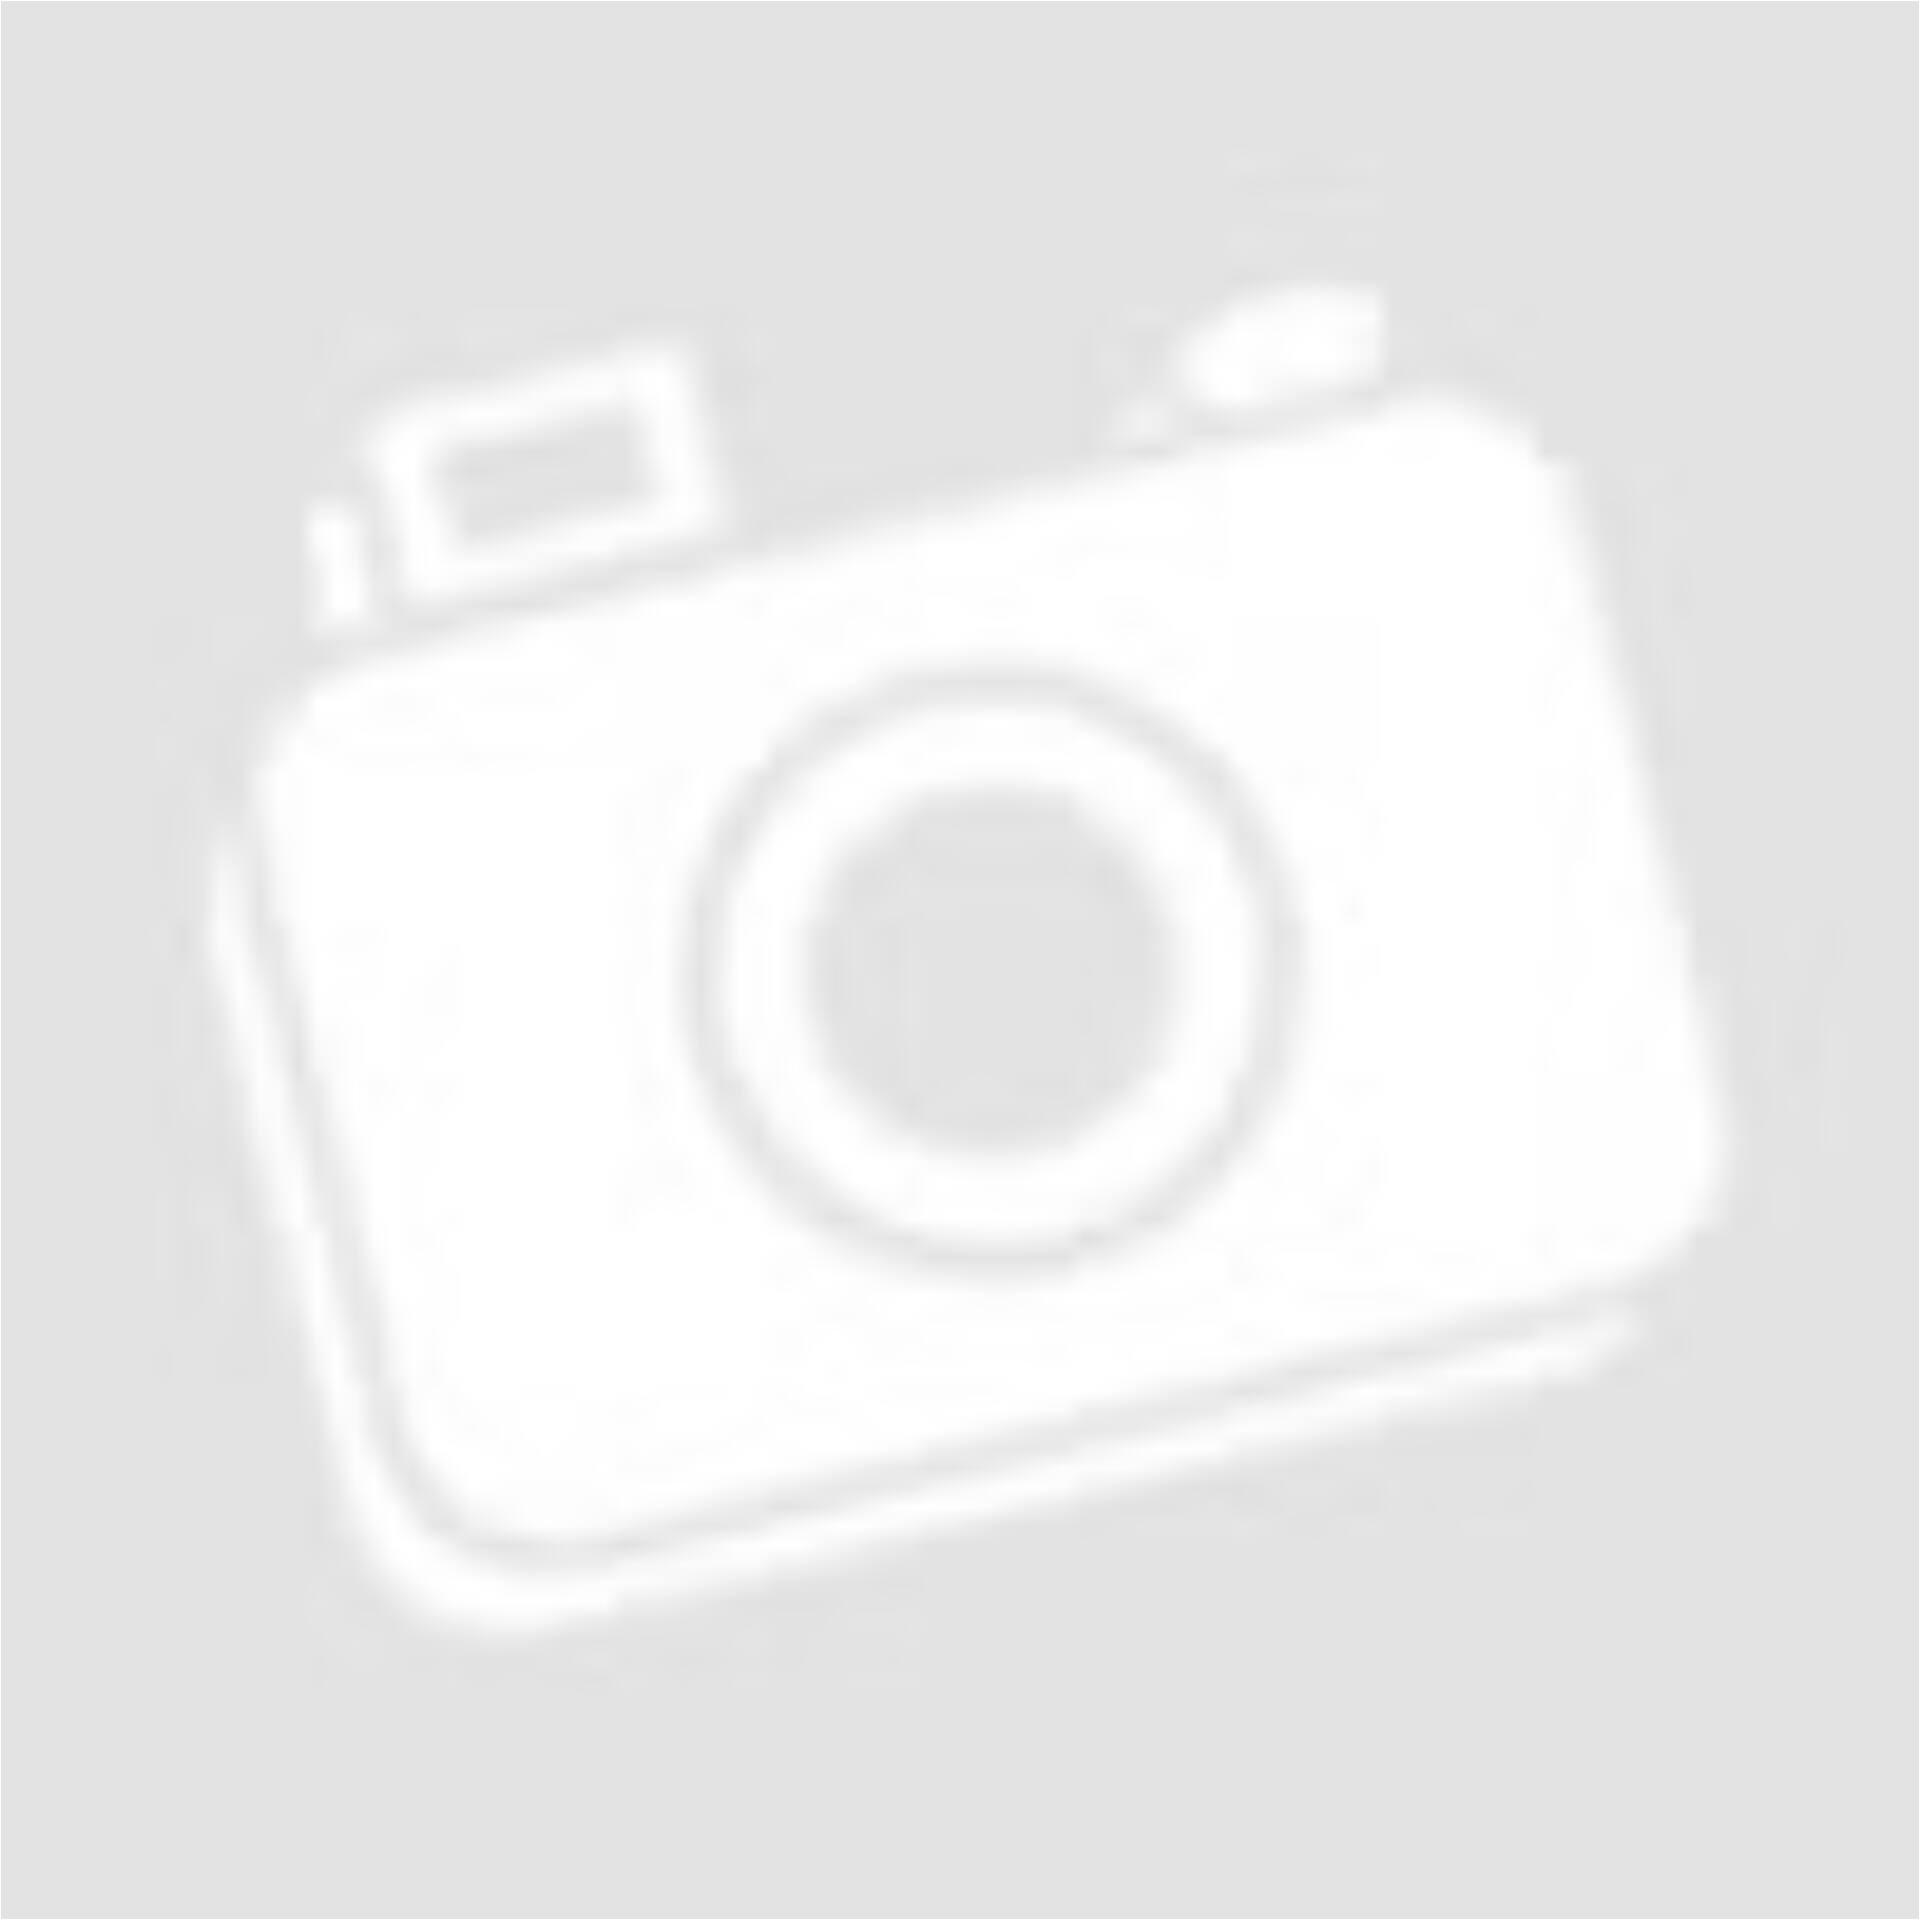 46c06fcc6b Kép 1/3 - MANGO fehér csinos ruha (Méret: XL). Loading zoom. Katt rá a  felnagyításhoz